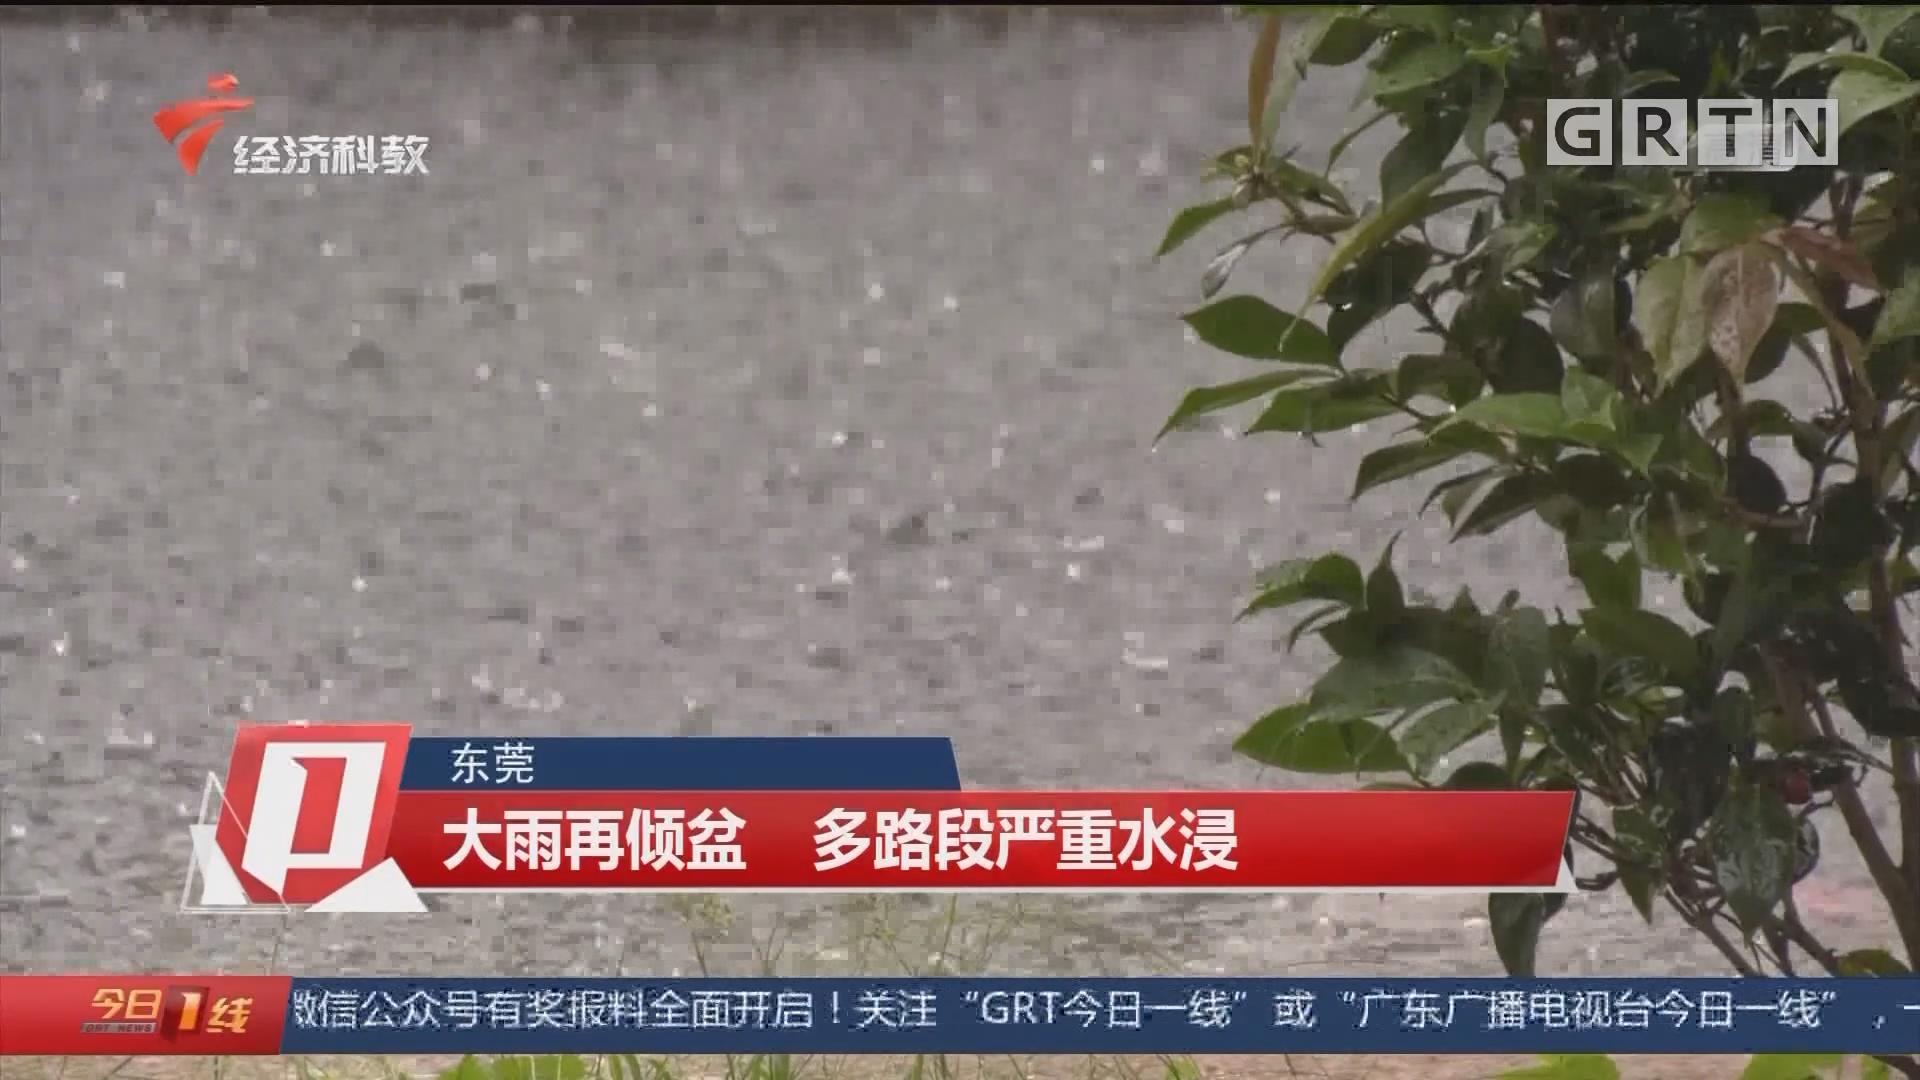 东莞:大雨再倾盆 多路段严重水浸